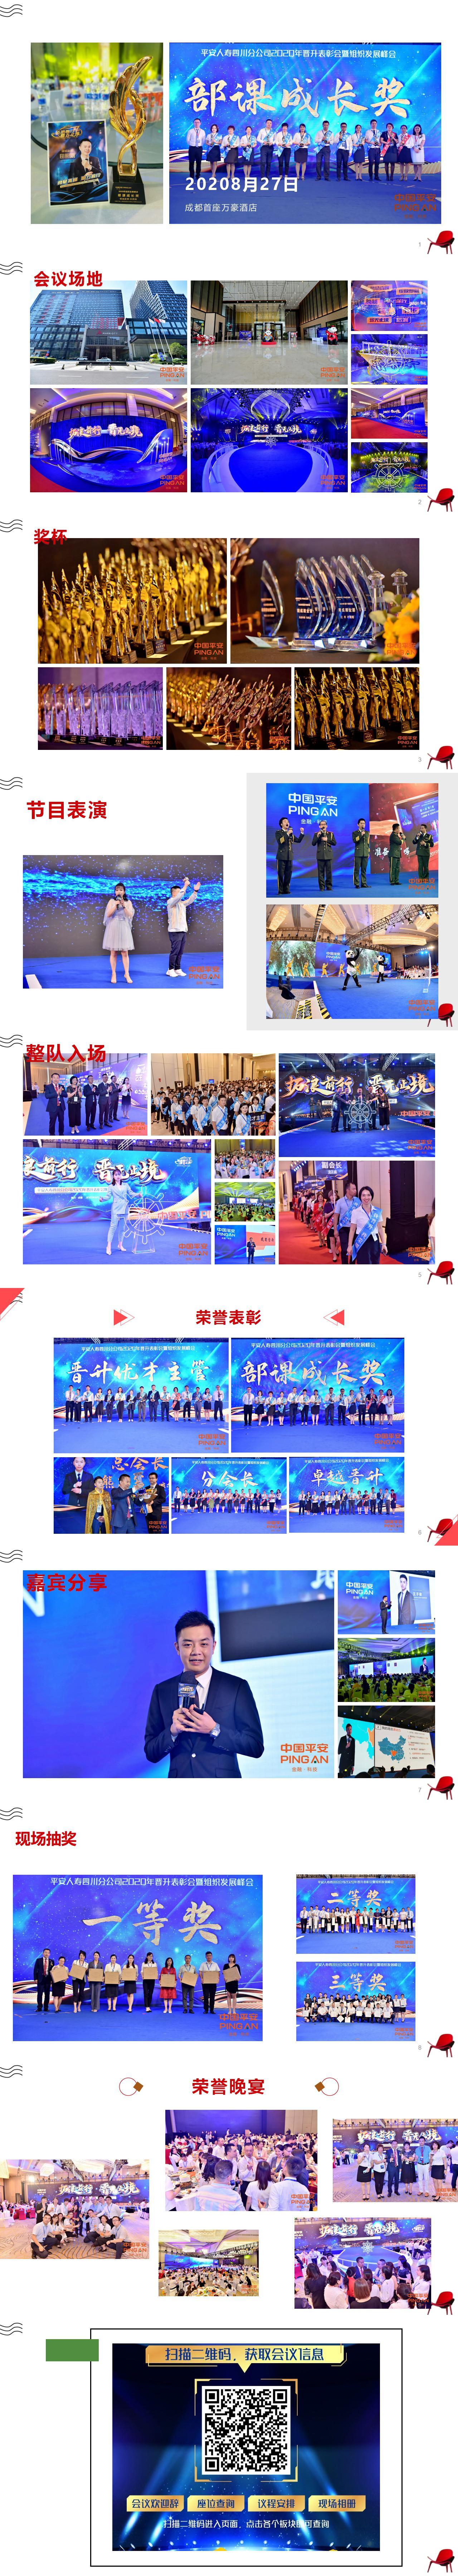 """【荣誉】 2020年组织发展峰会""""部课成长奖""""! 原创-第2张"""